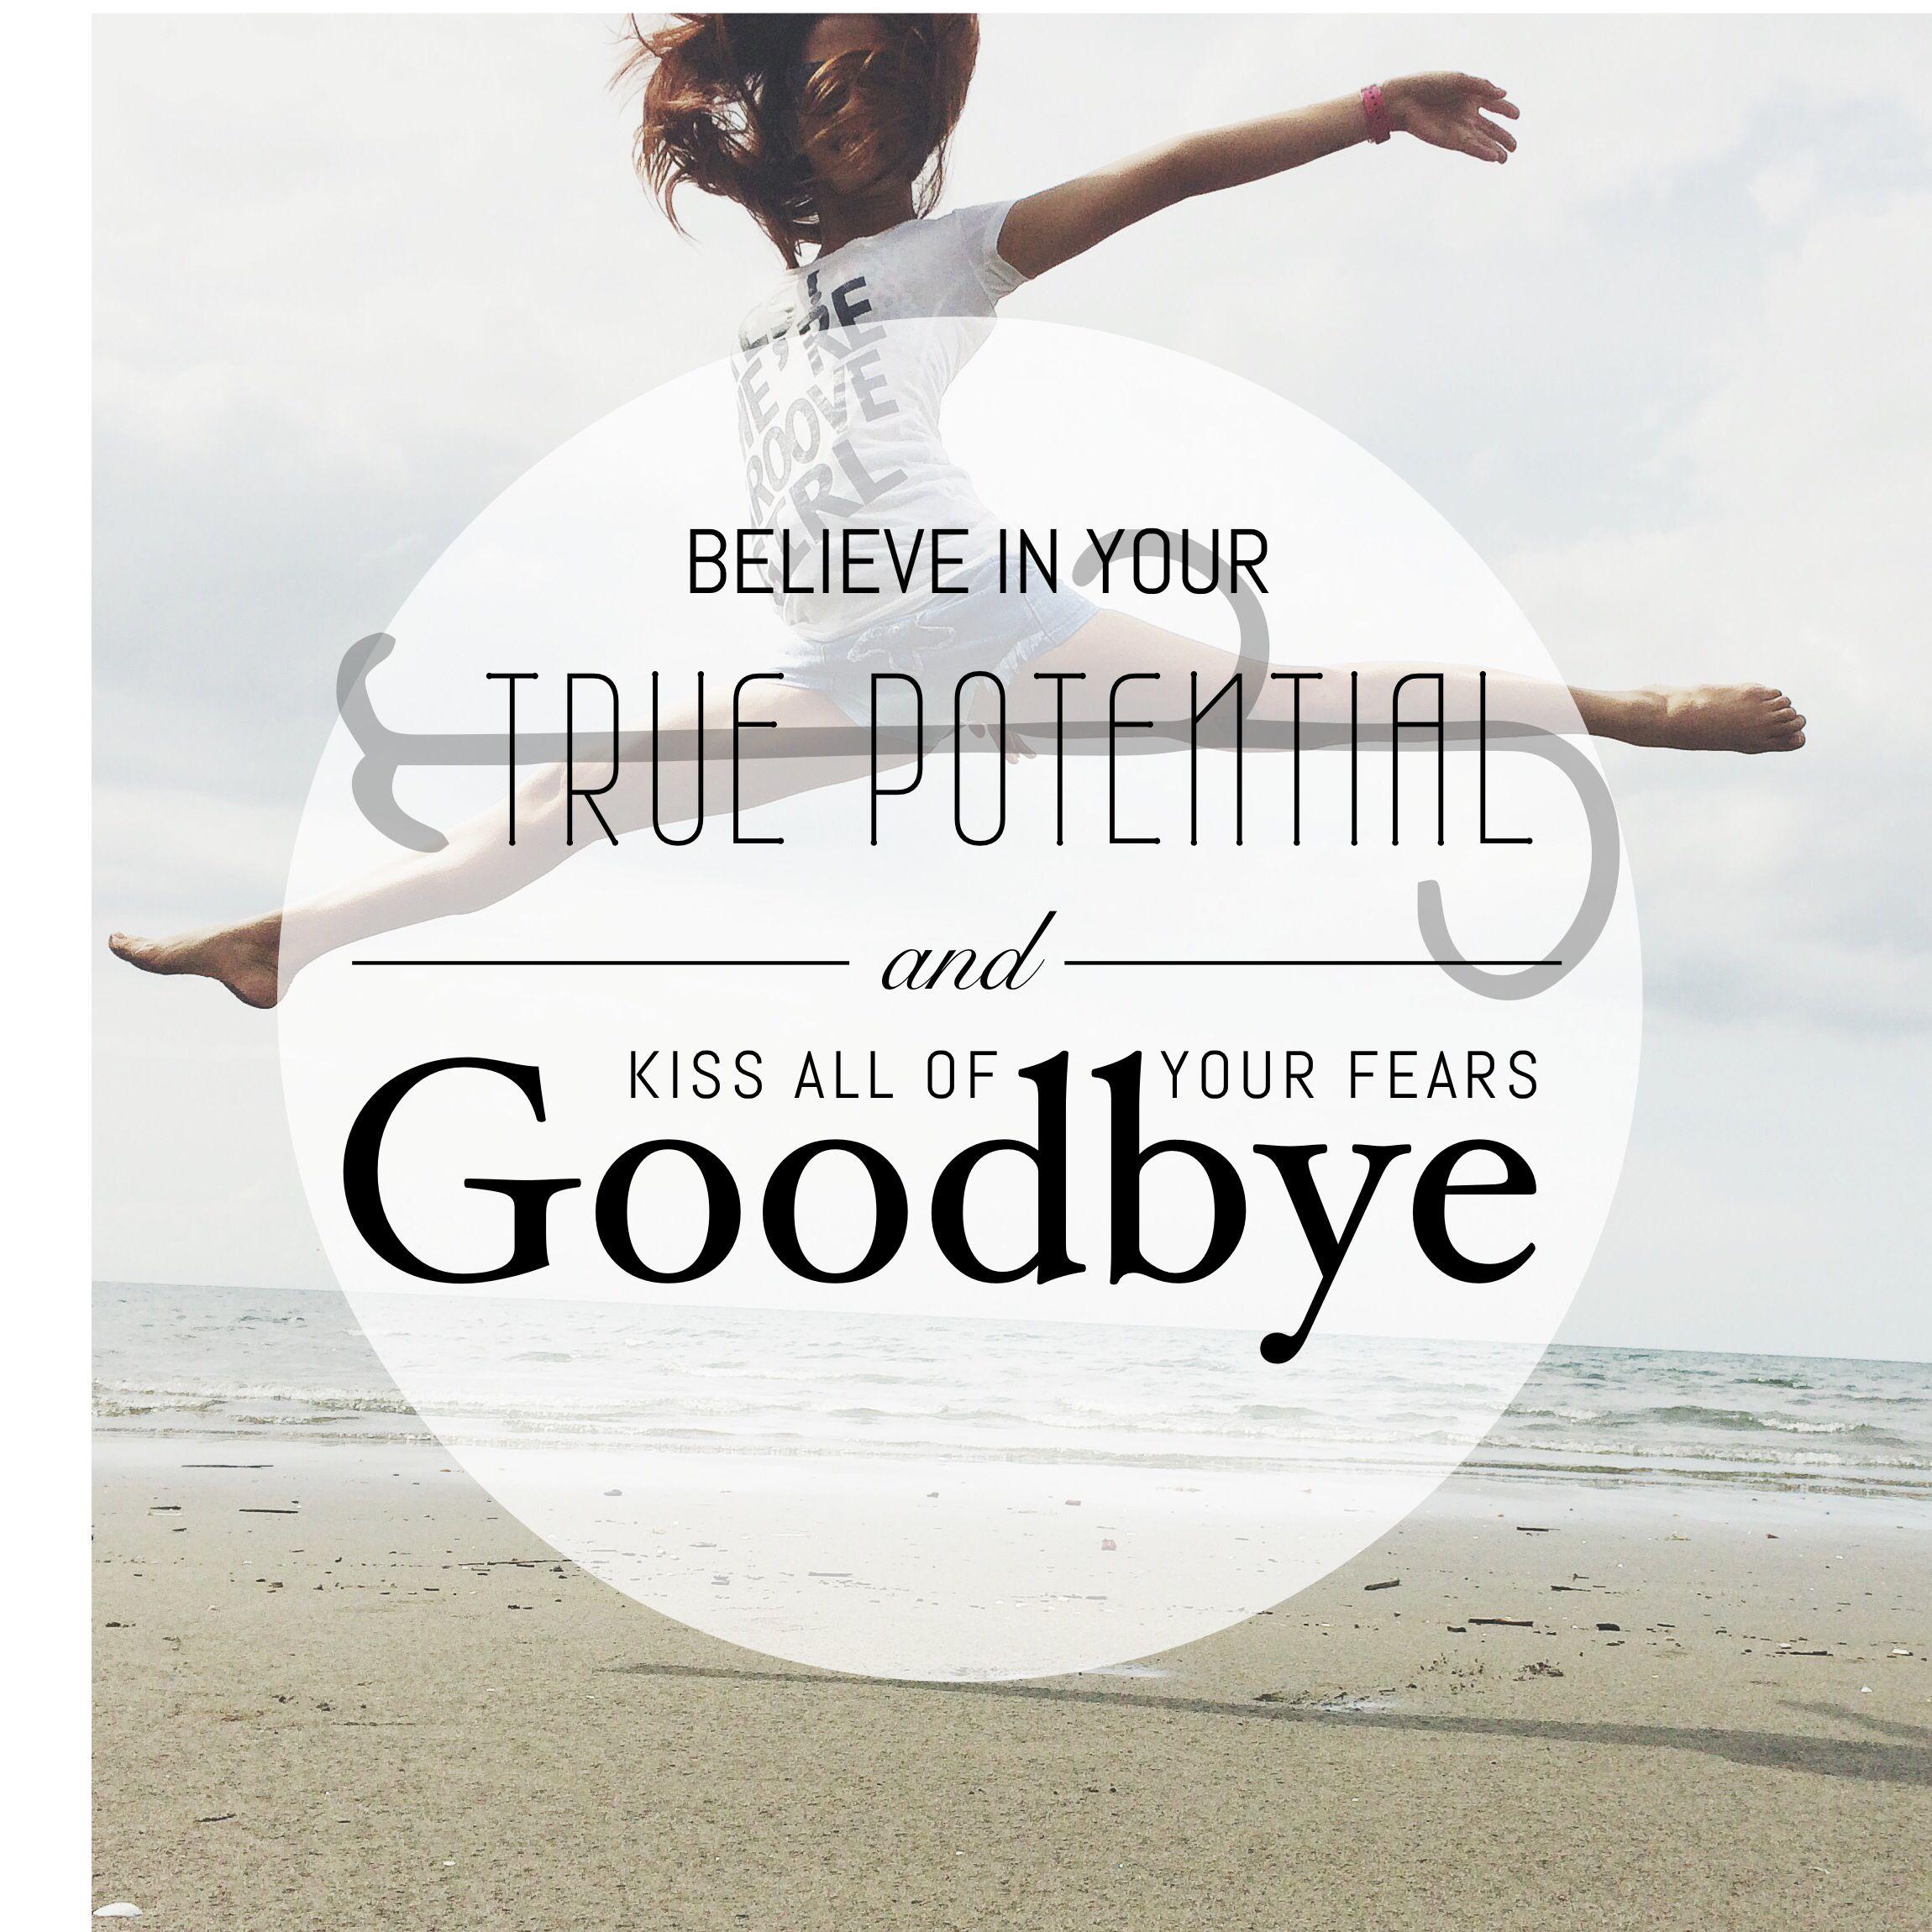 #goodbye #freedom #dance · SelfiesDanceFreedomAwesome QuotesAmen